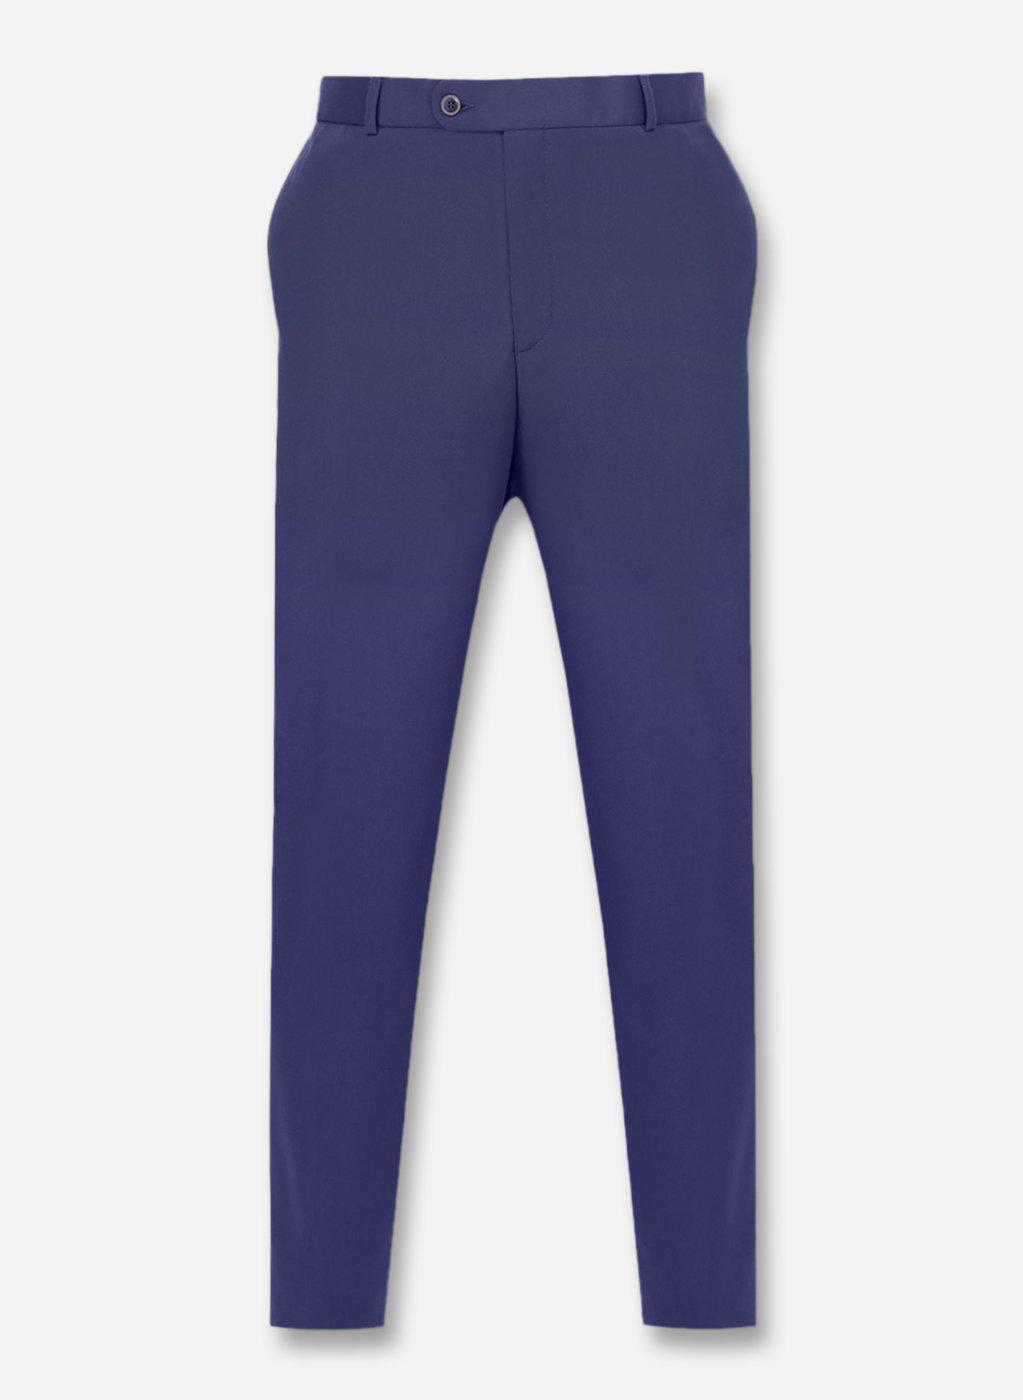 Spodnie męskie garniturowe PLM-6X-056-N